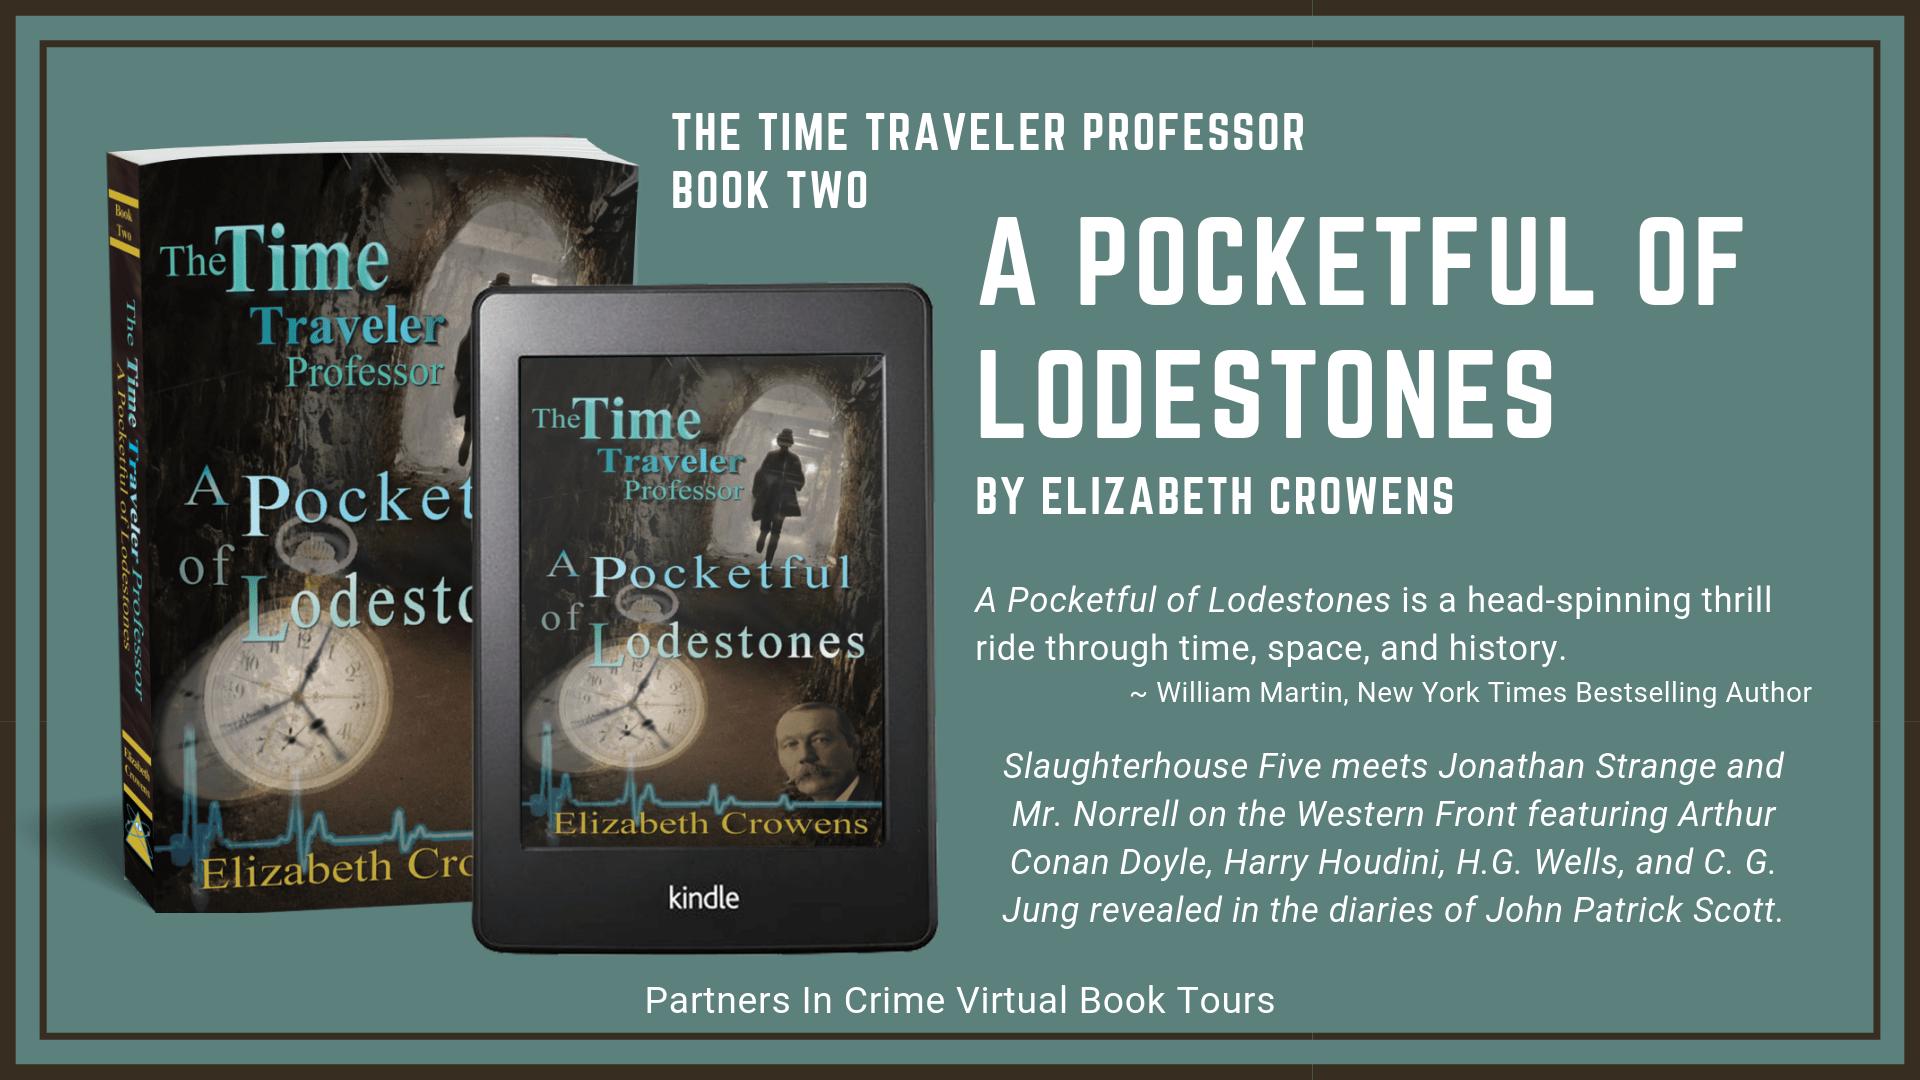 A Pocketful Of Lodestones by Elizabeth Crowens